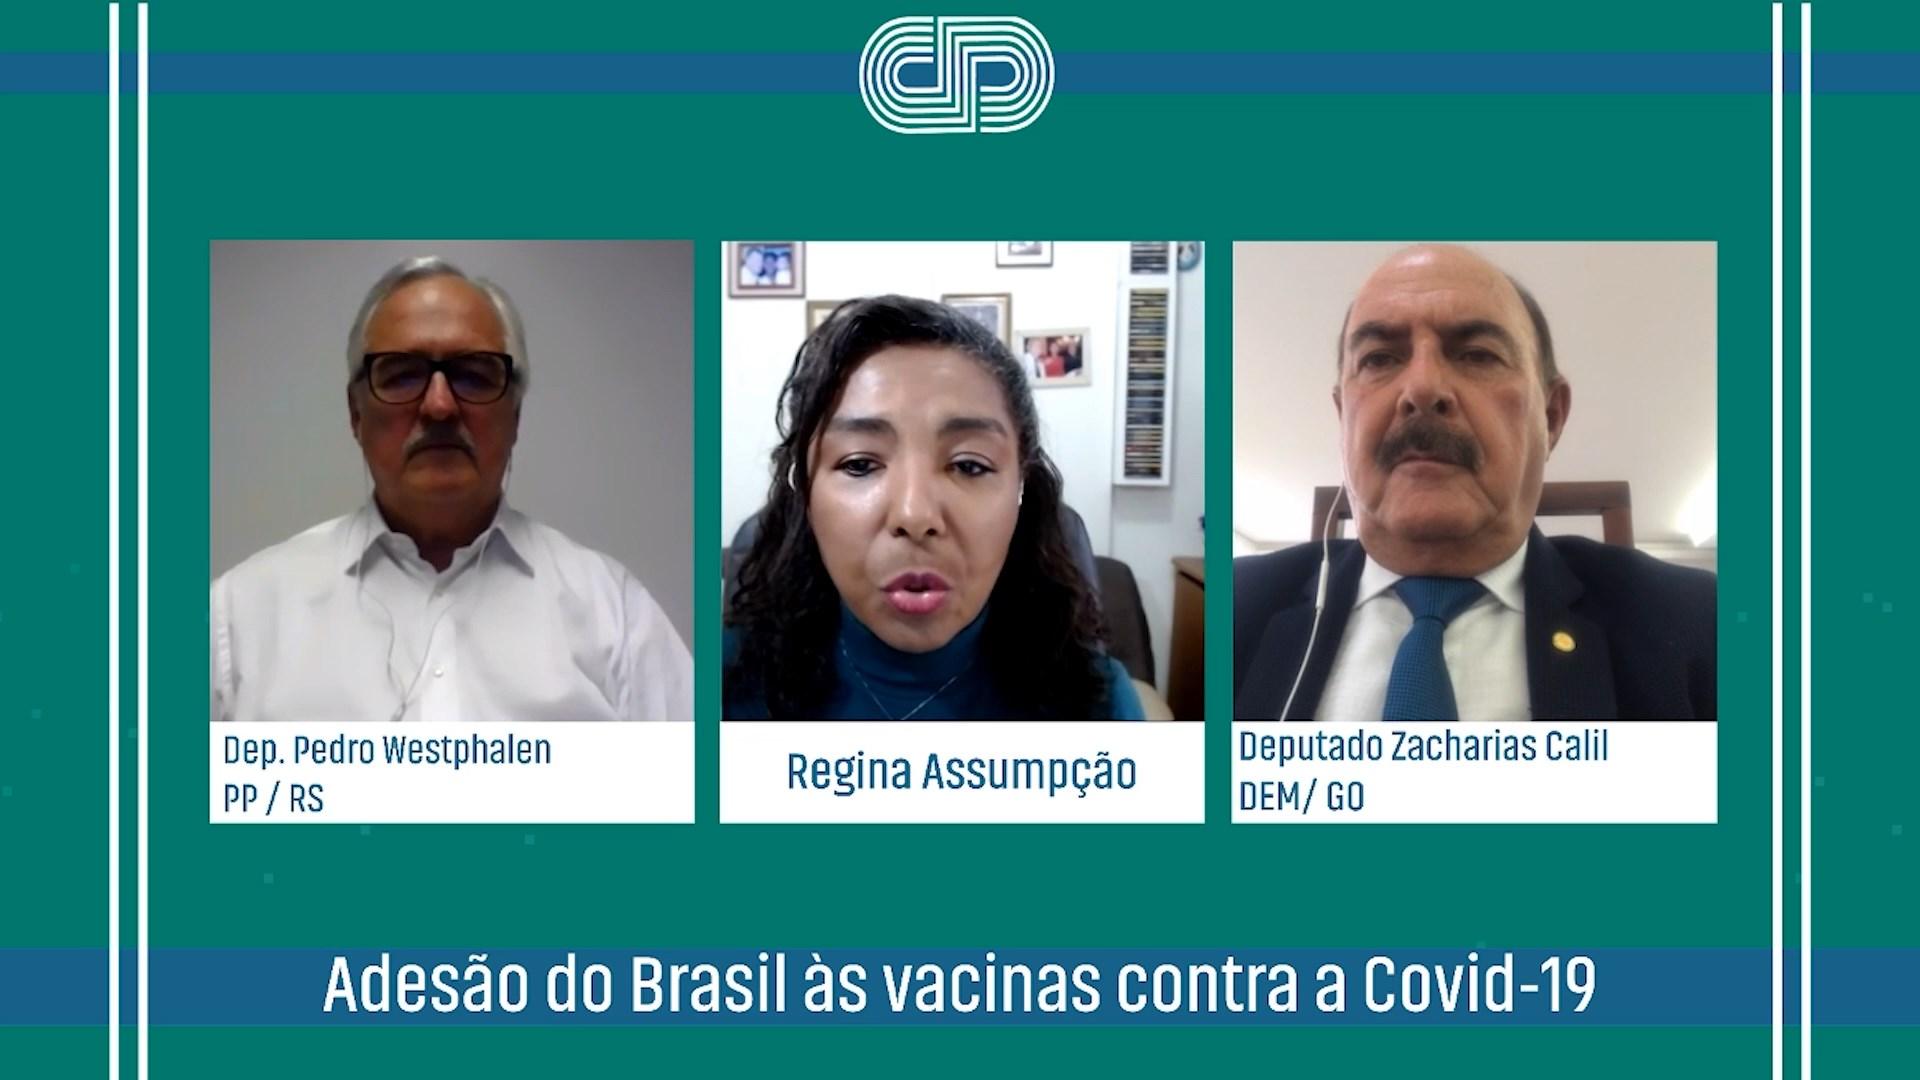 Adesão do Brasil às vacinas contra a Covid-19